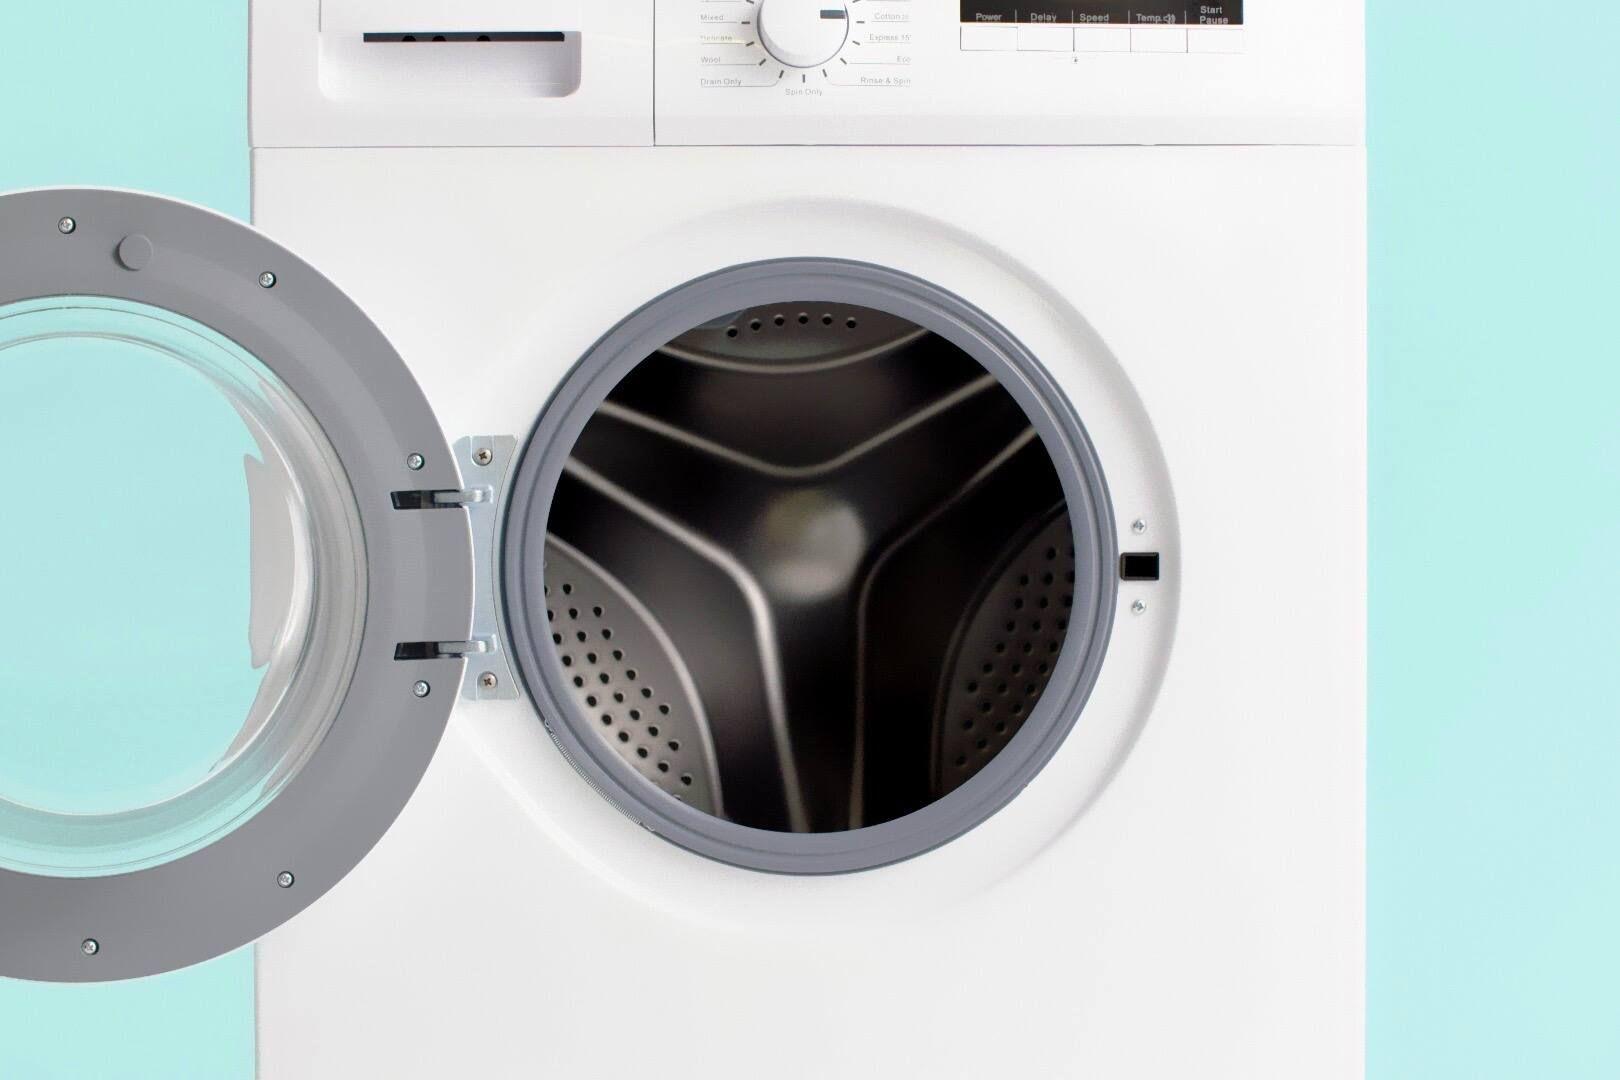 Çamaşır Kurutucusu Nasıl Kullanılır?